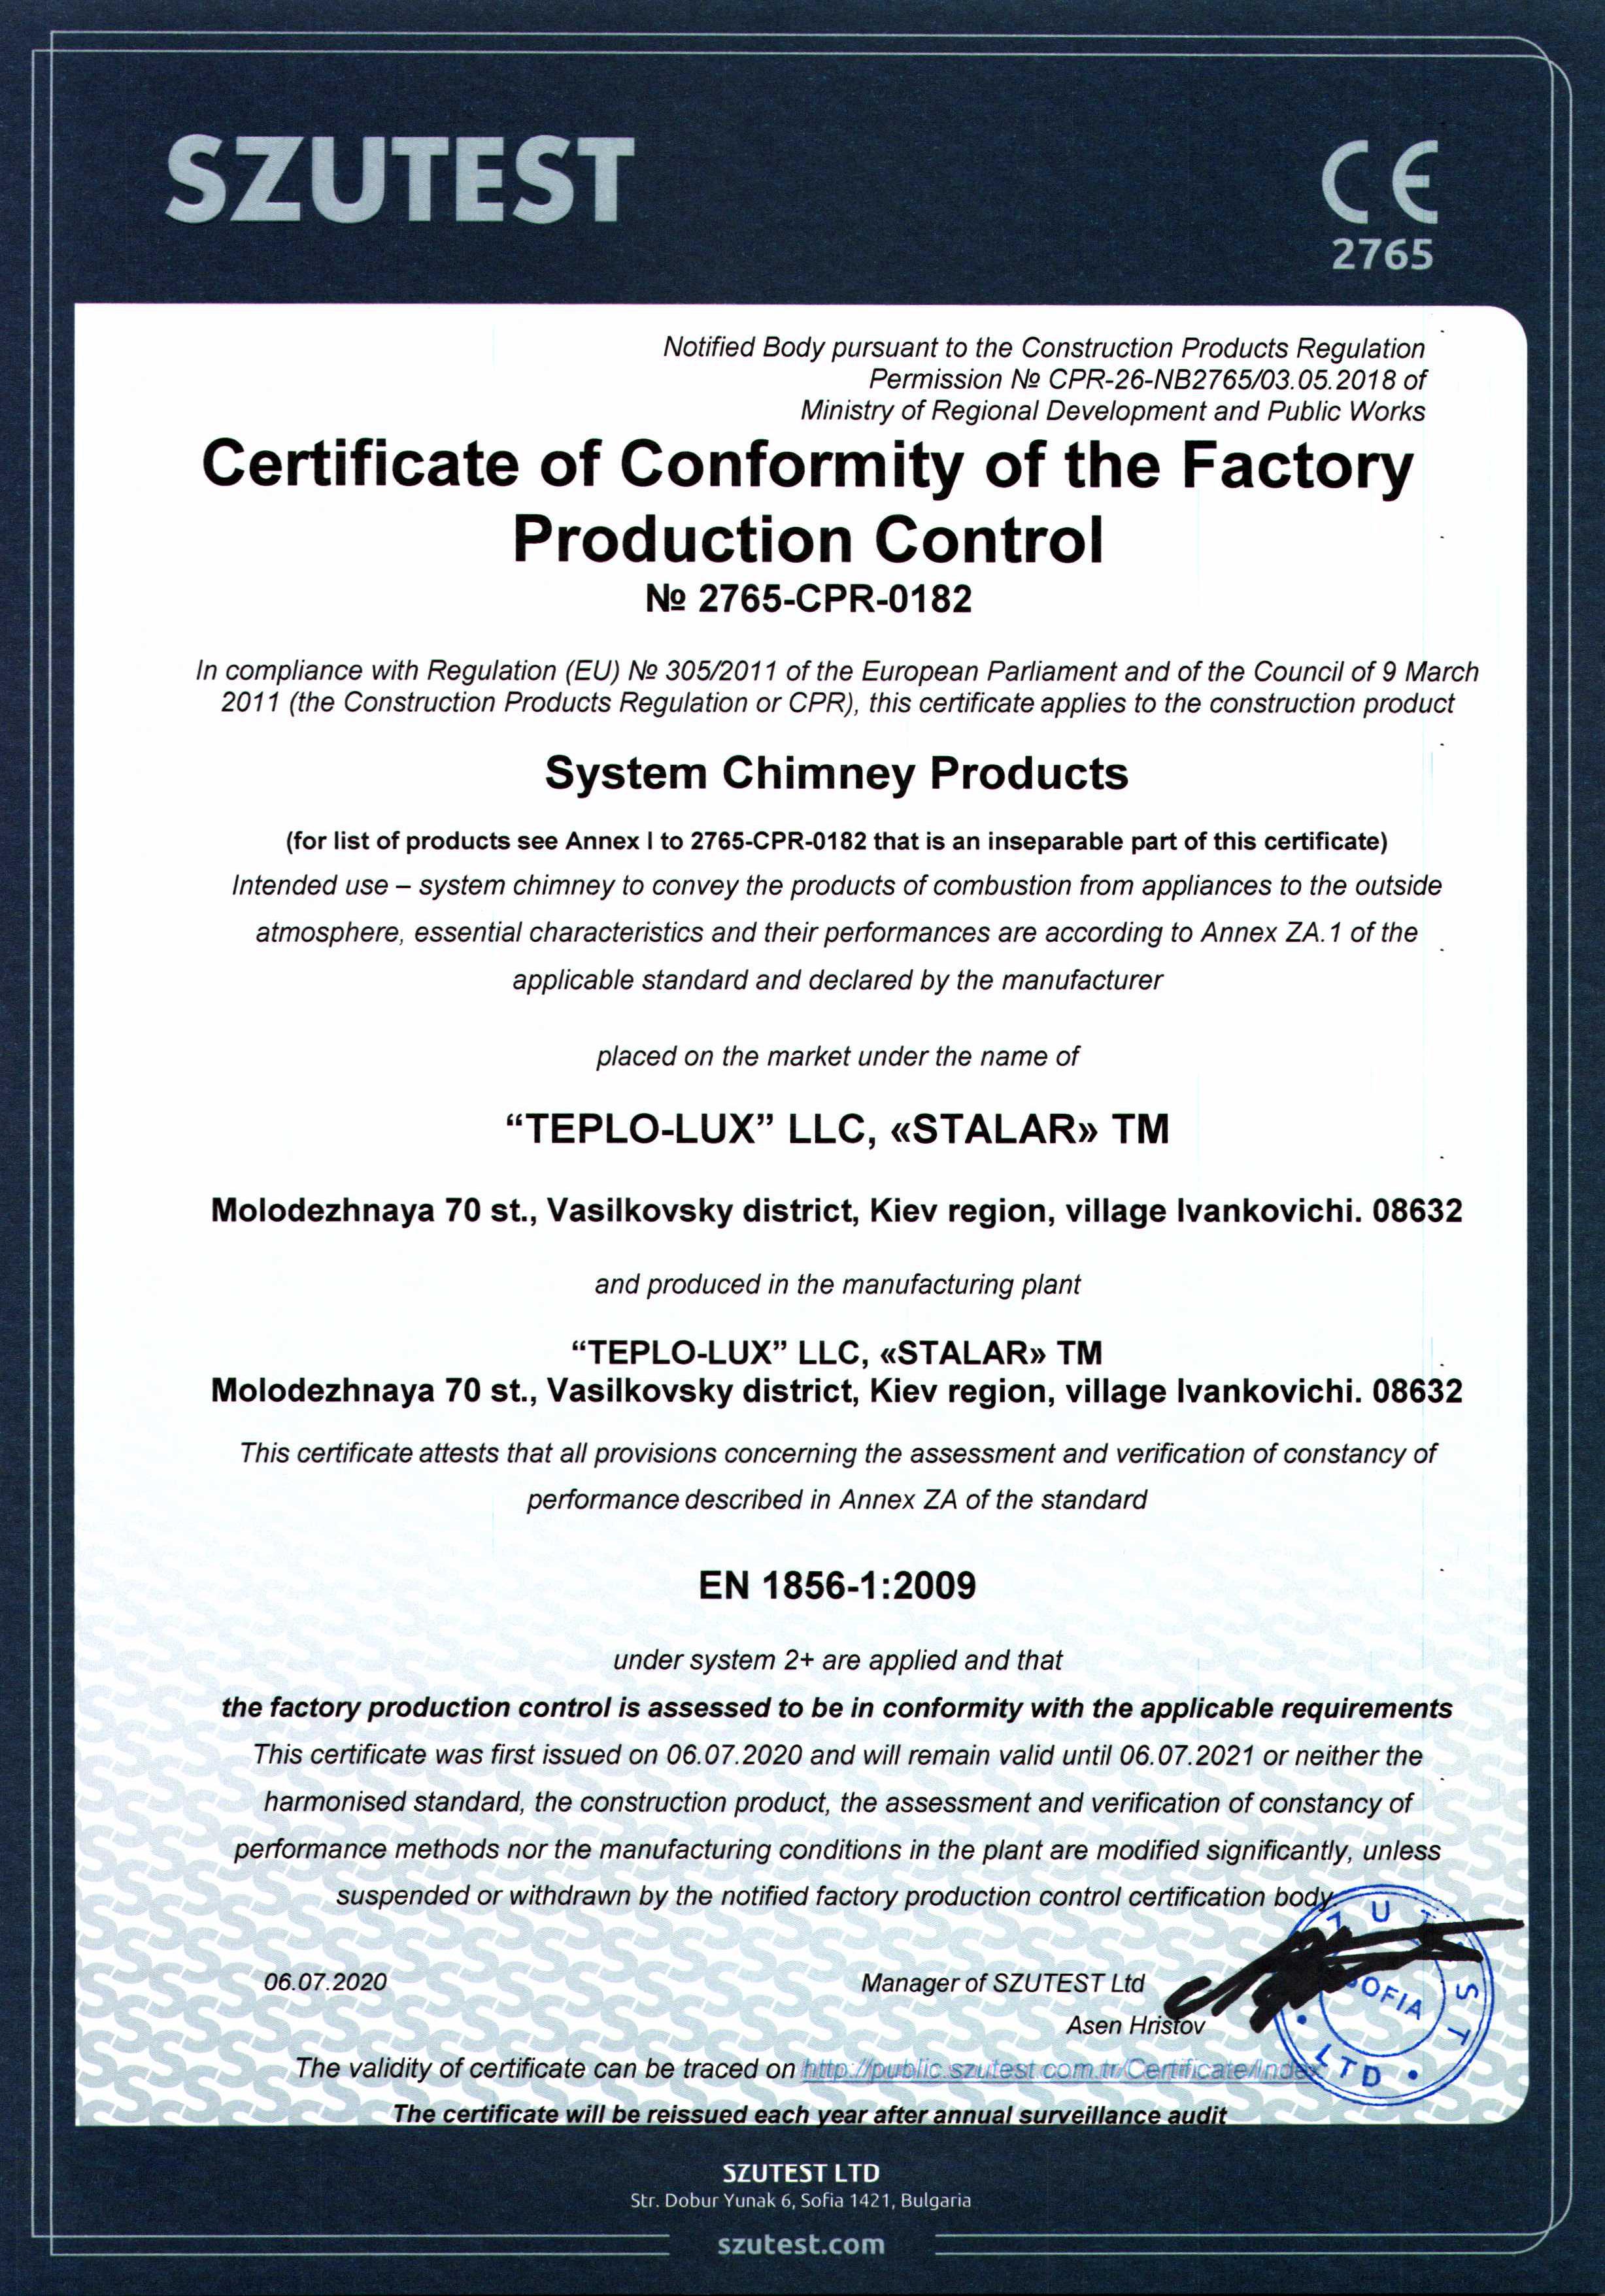 Сертифікат якості СЕ Тепло-Люкс